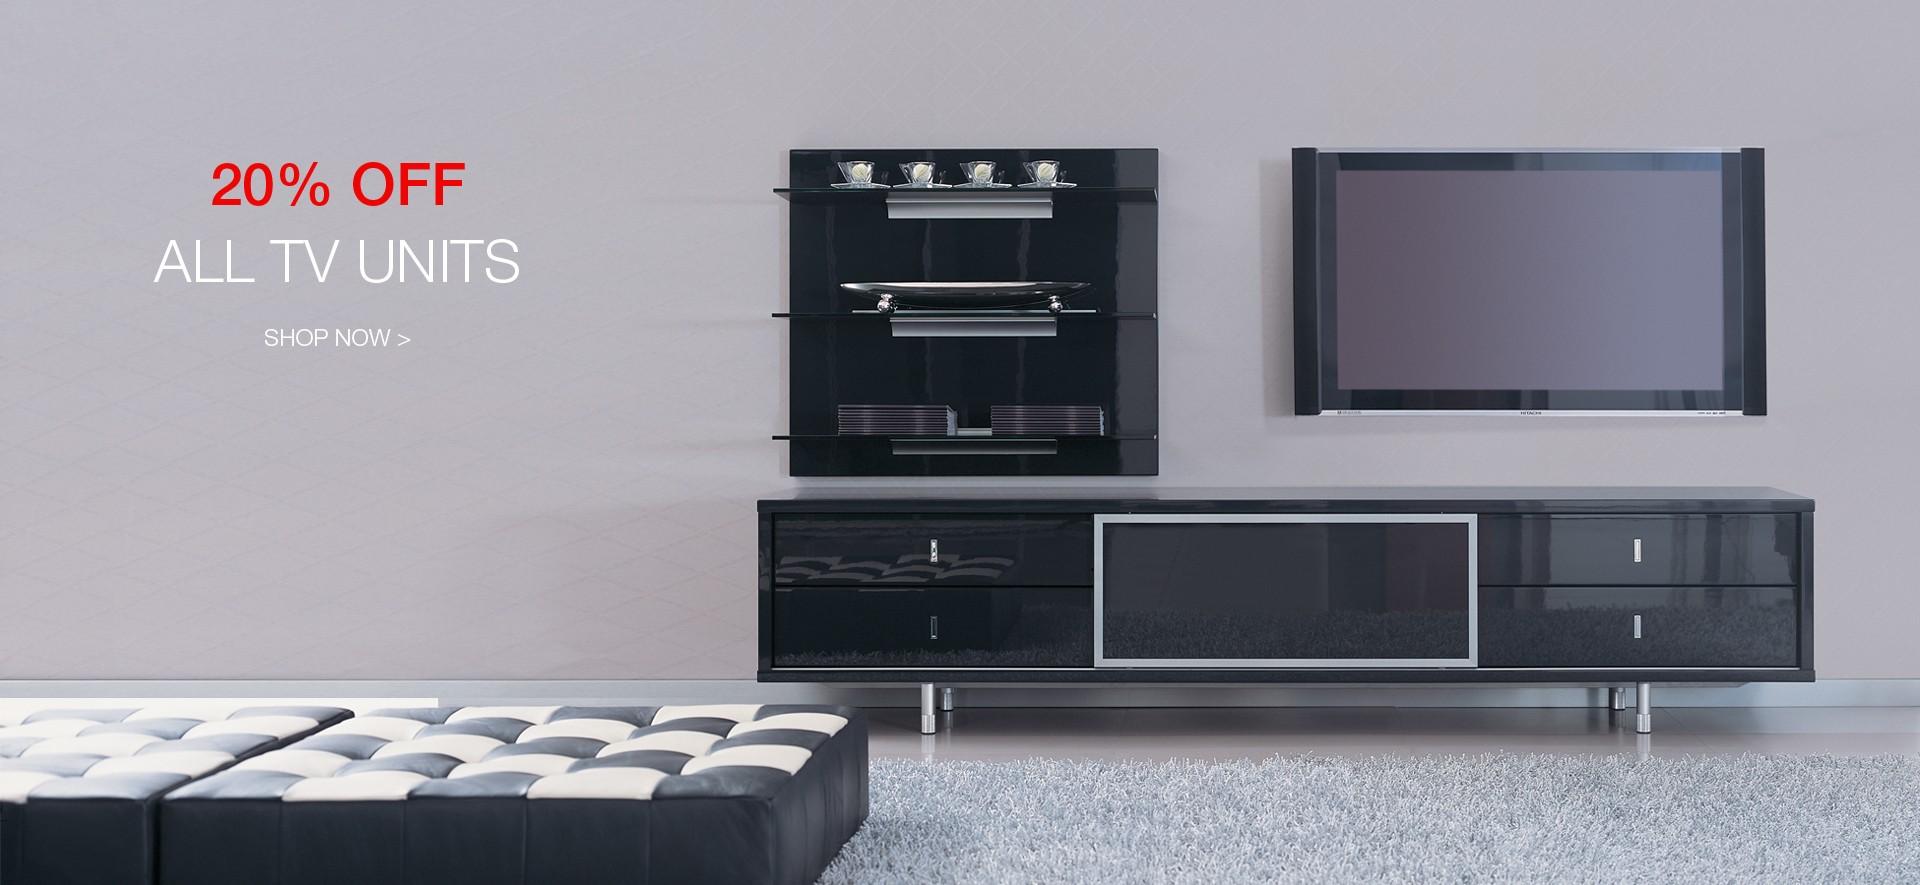 TV-UNIT-SALE-HOME-PAGE-2